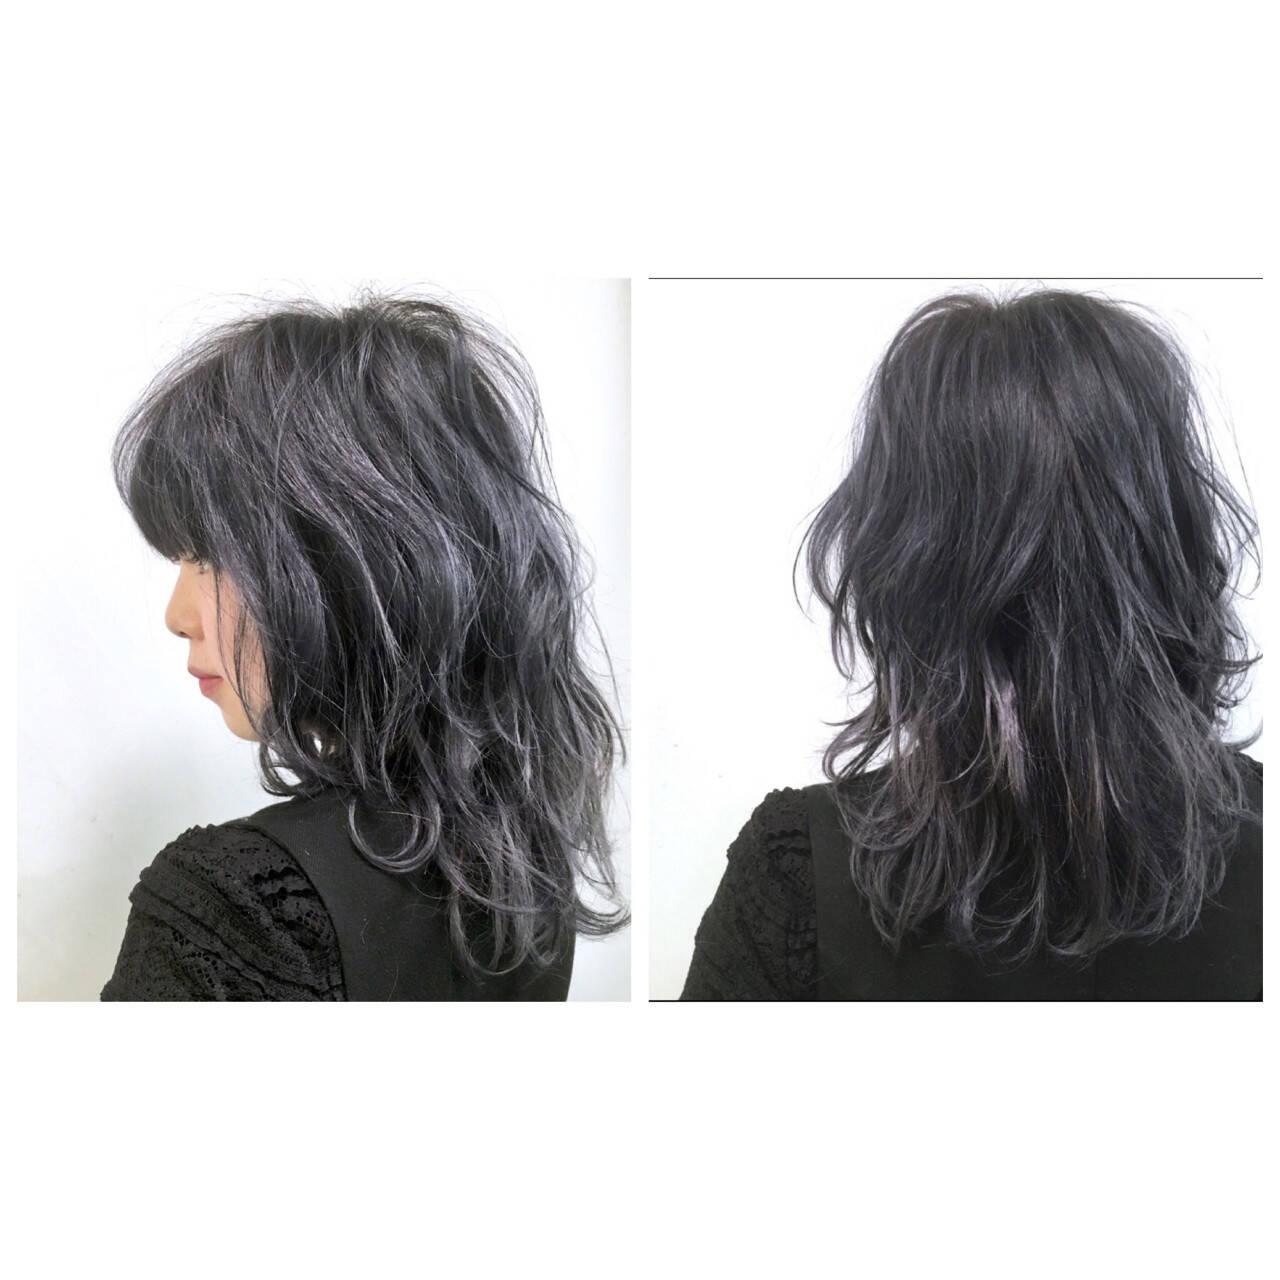 セミロング グレー ミディアム ストリートヘアスタイルや髪型の写真・画像